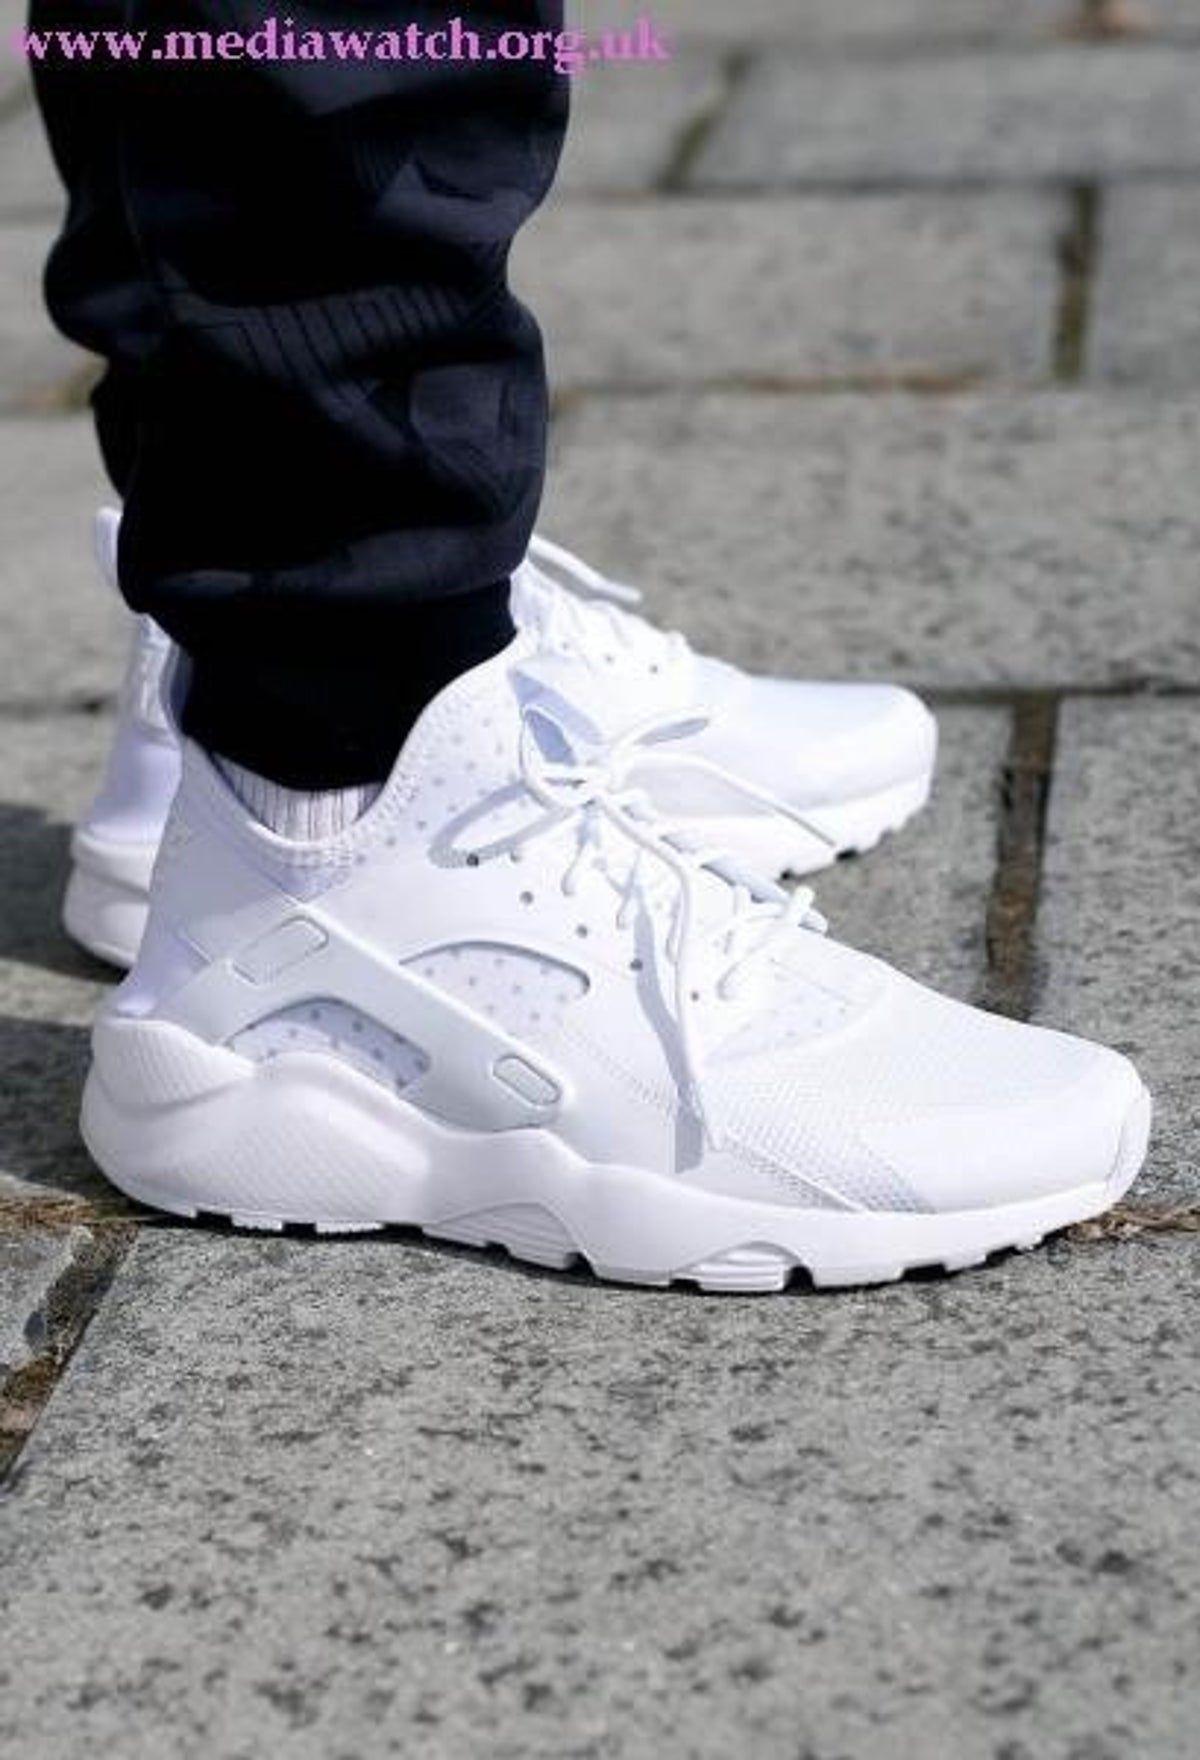 Irritato capsula Lucidato  nike white huraches men size 11 in 2020 | Nike air huarache white, Nike air  huarache ultra, Nike shoes huarache